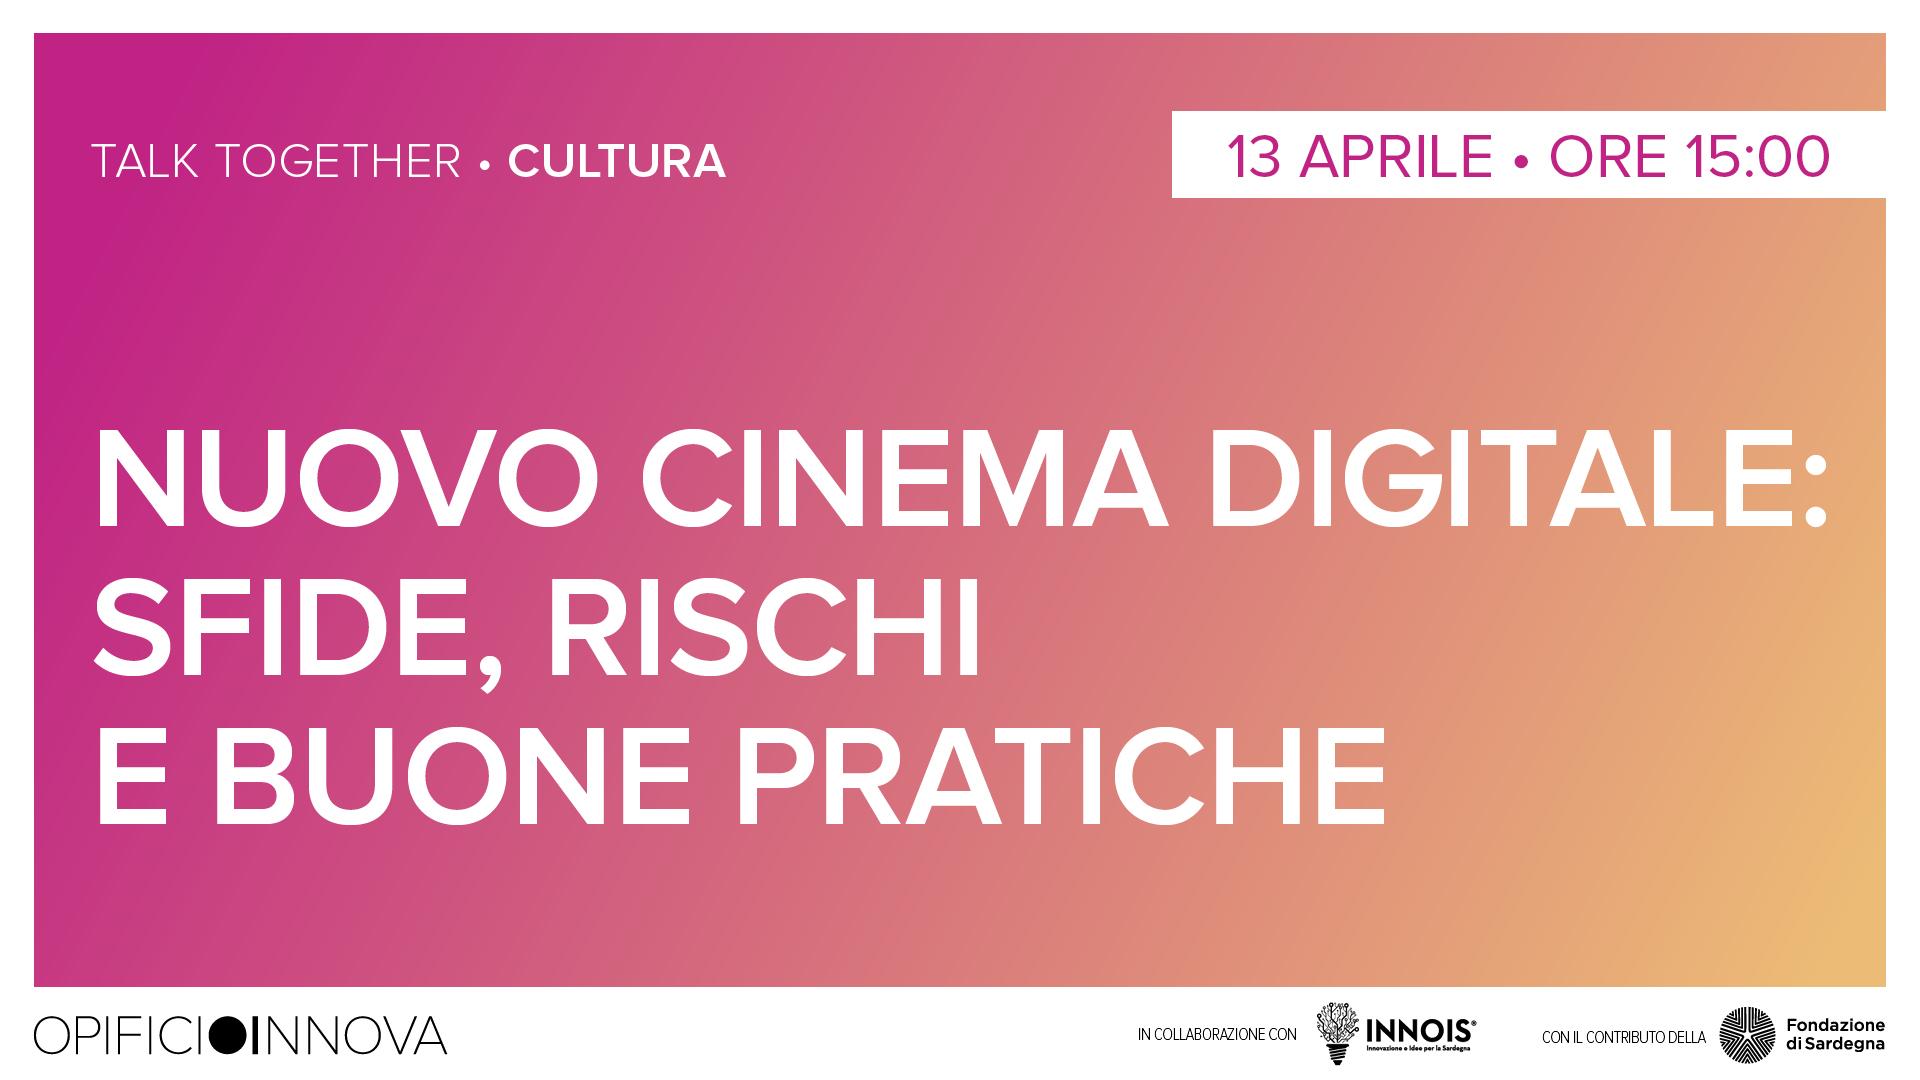 Nuovo cinema digitale: sfide, rischi e buone pratiche </br>13-04-2021 ore 15:00